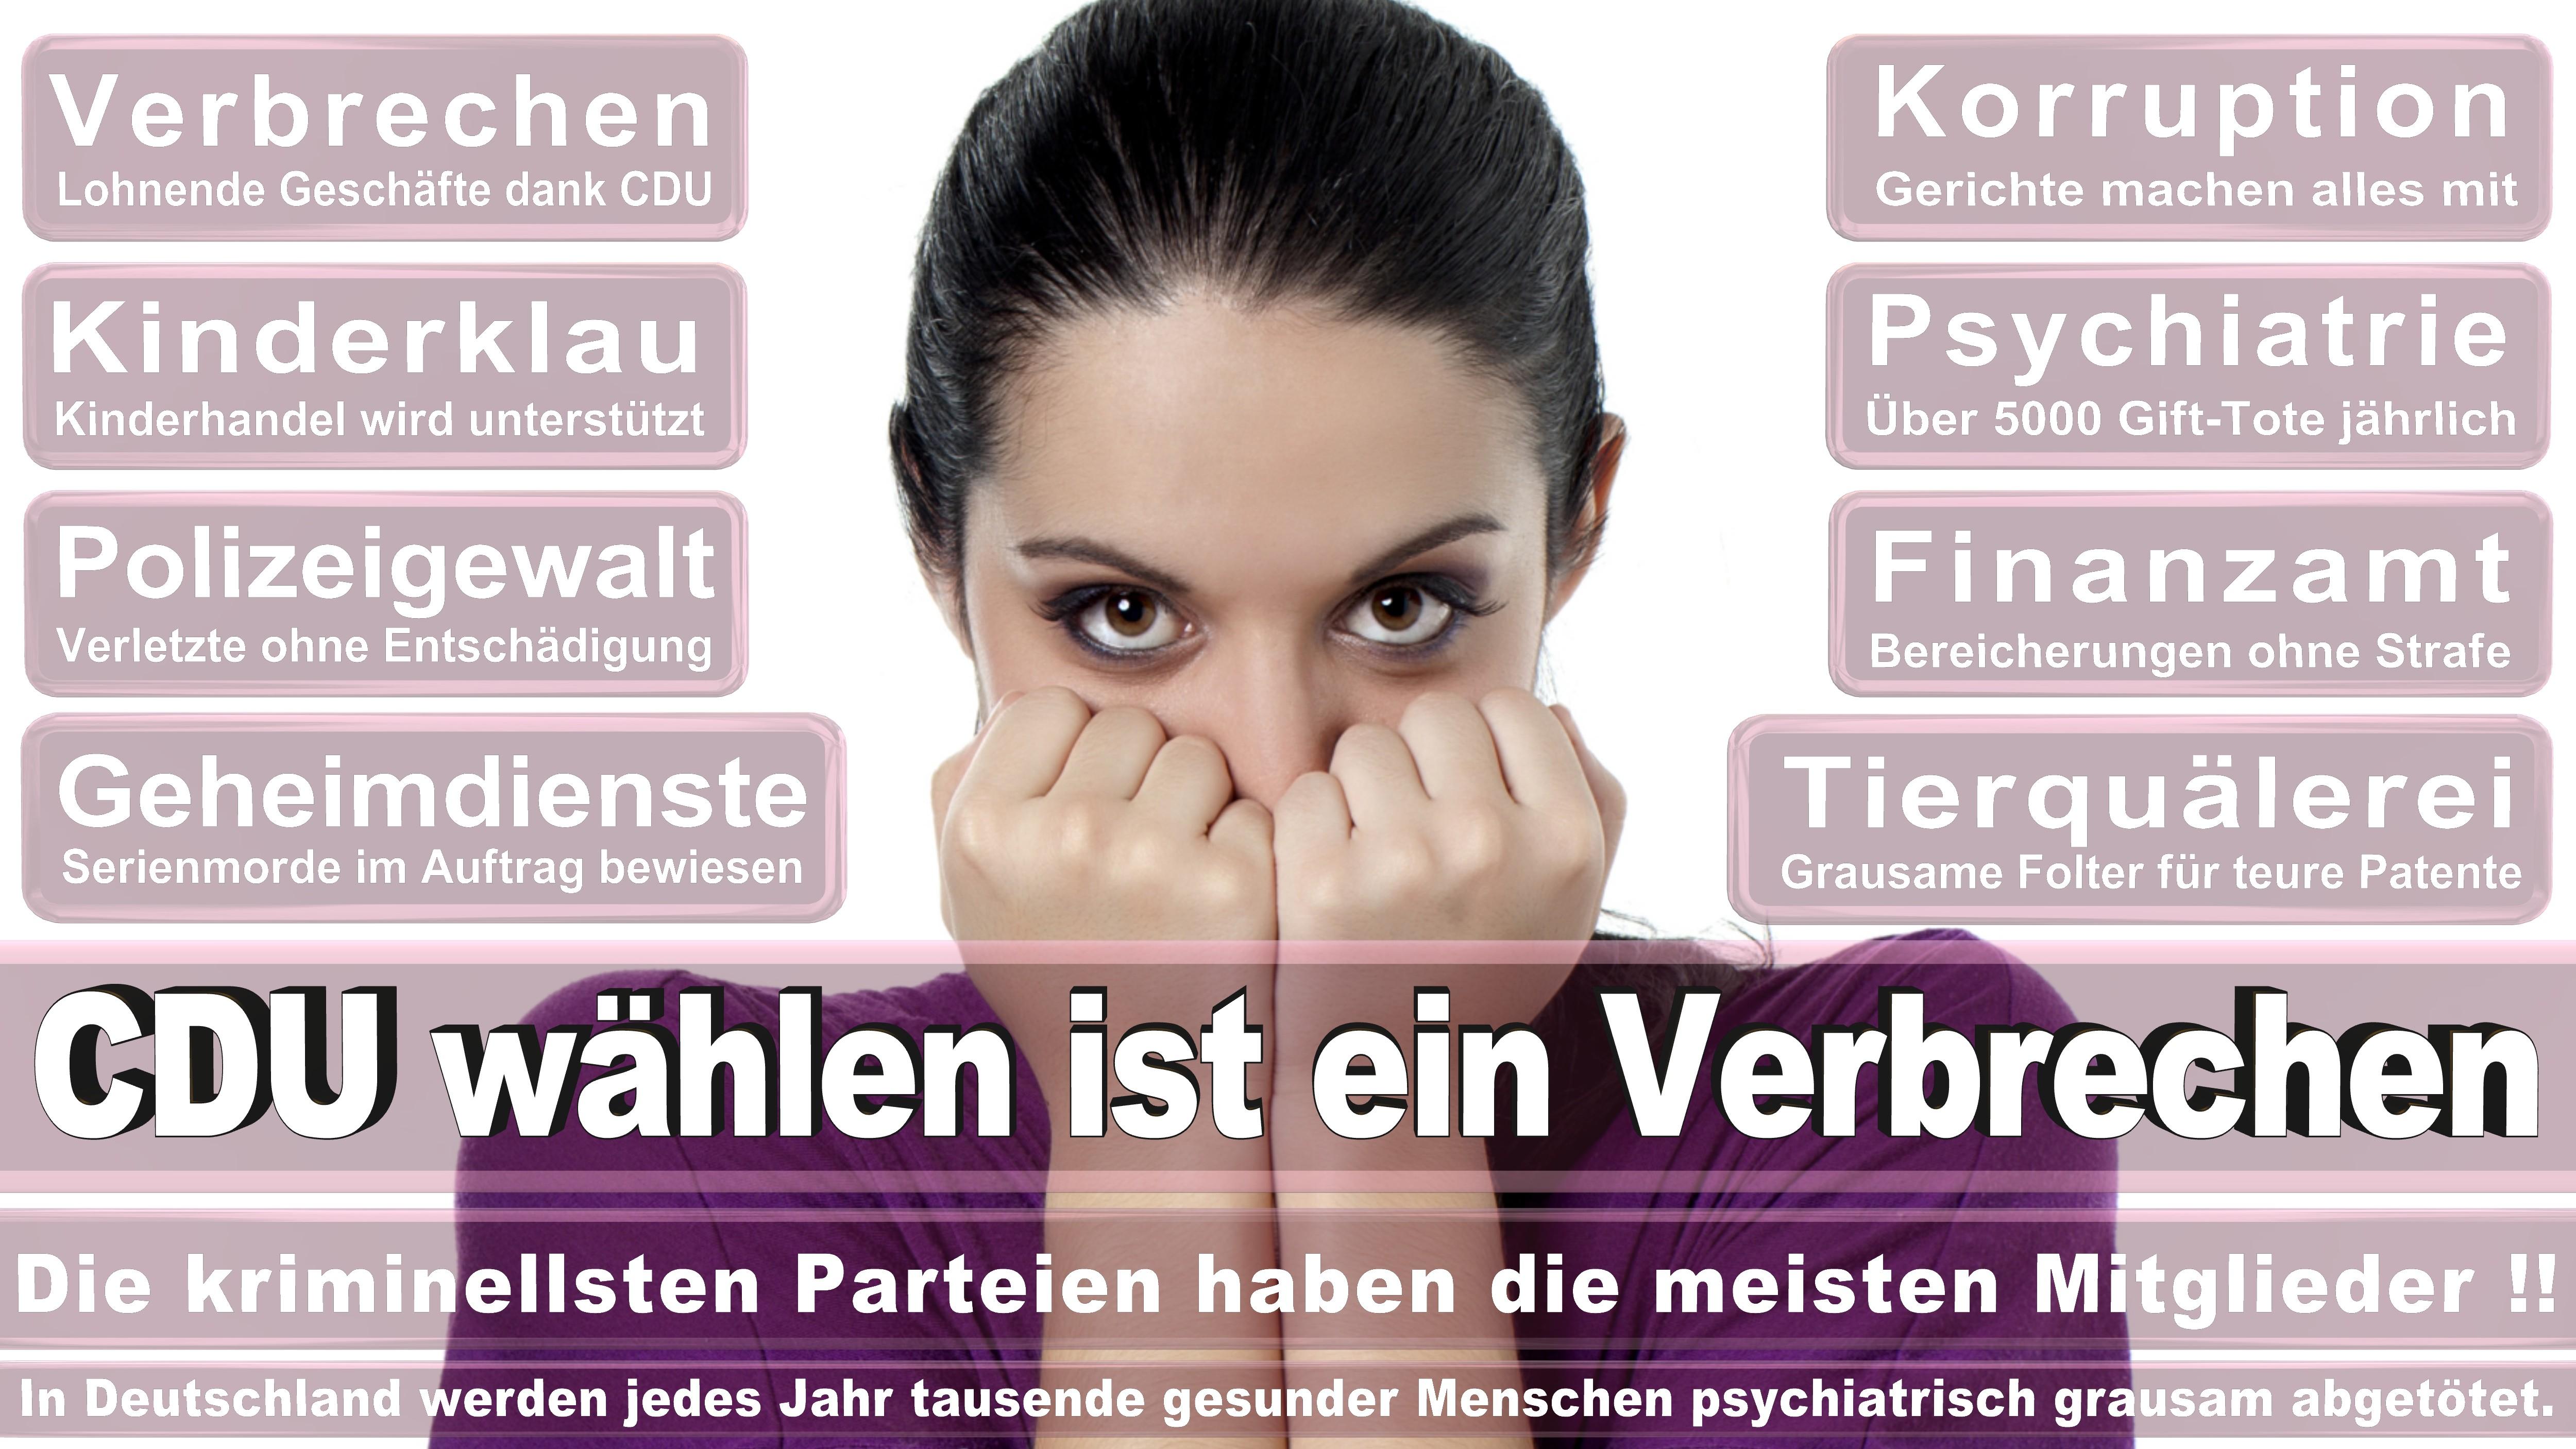 Kerstin Kassner DIE LINKE Mecklenburg Vorpommern Politiker Deutschland